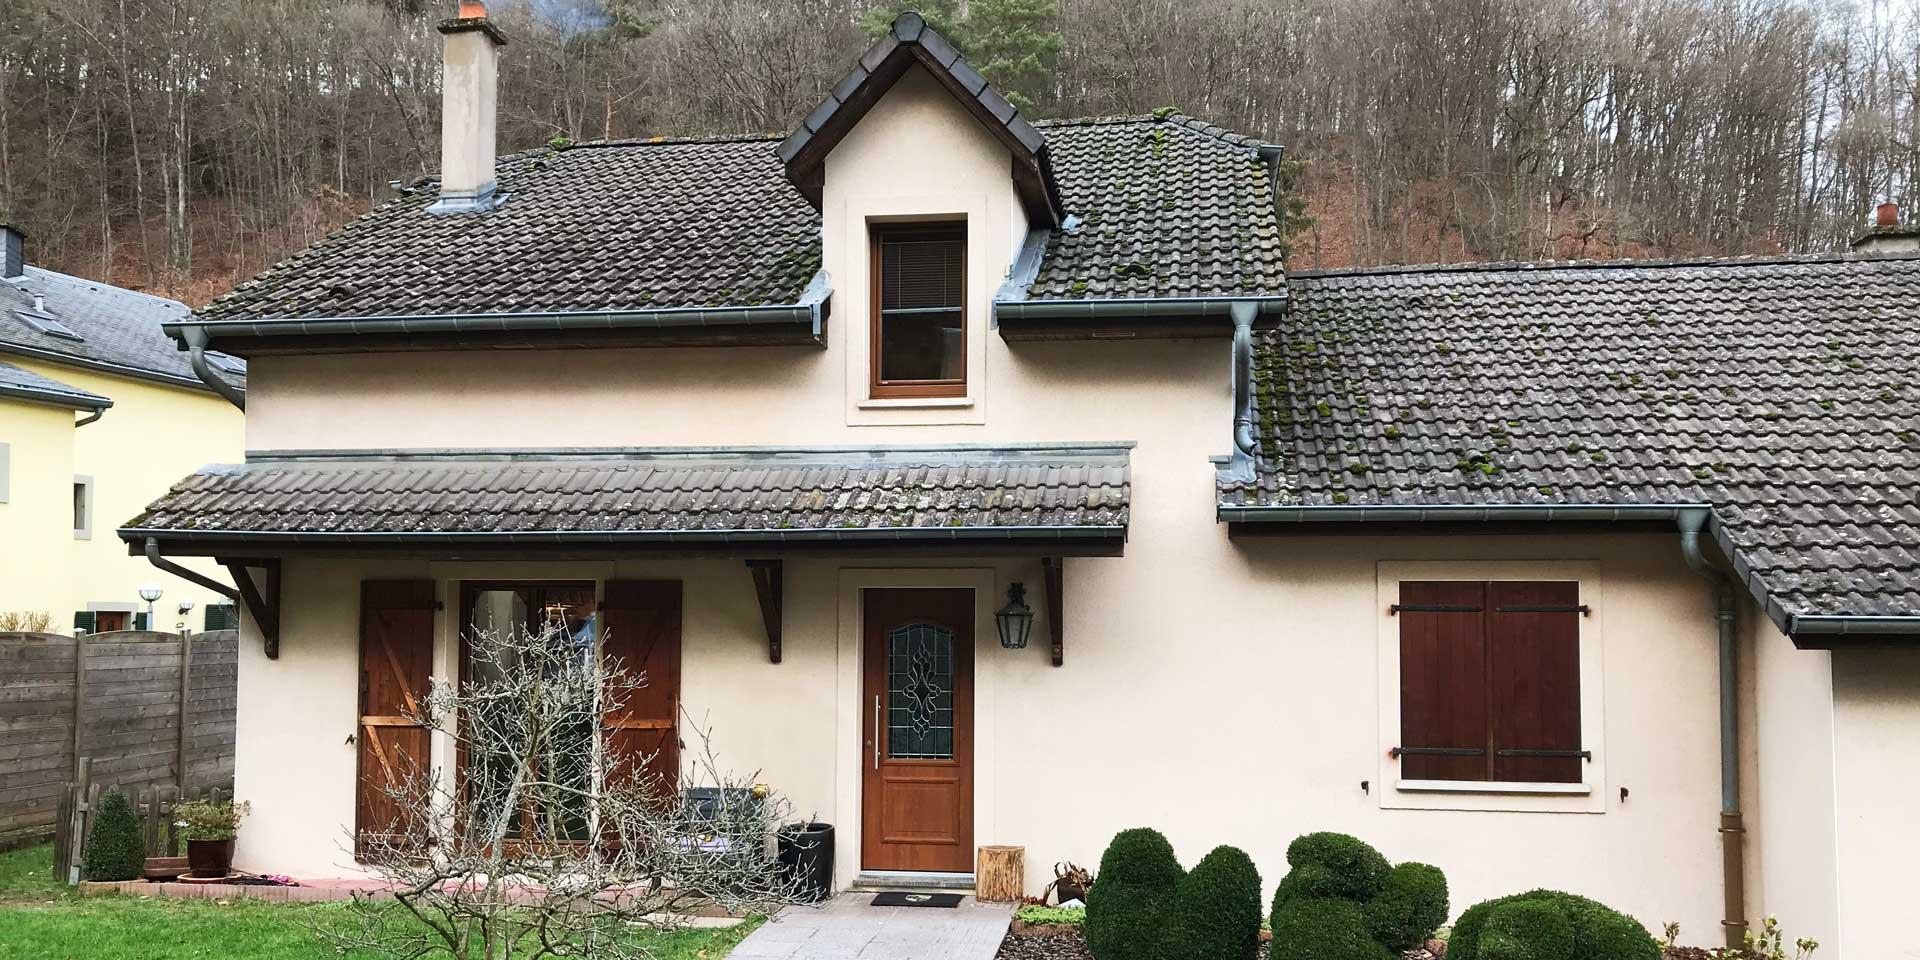 Beiges Einfamilienhaus mit brauner Coplaning Haustür und links, rechts und darüber, passende braune Coplaning Alu Fenster